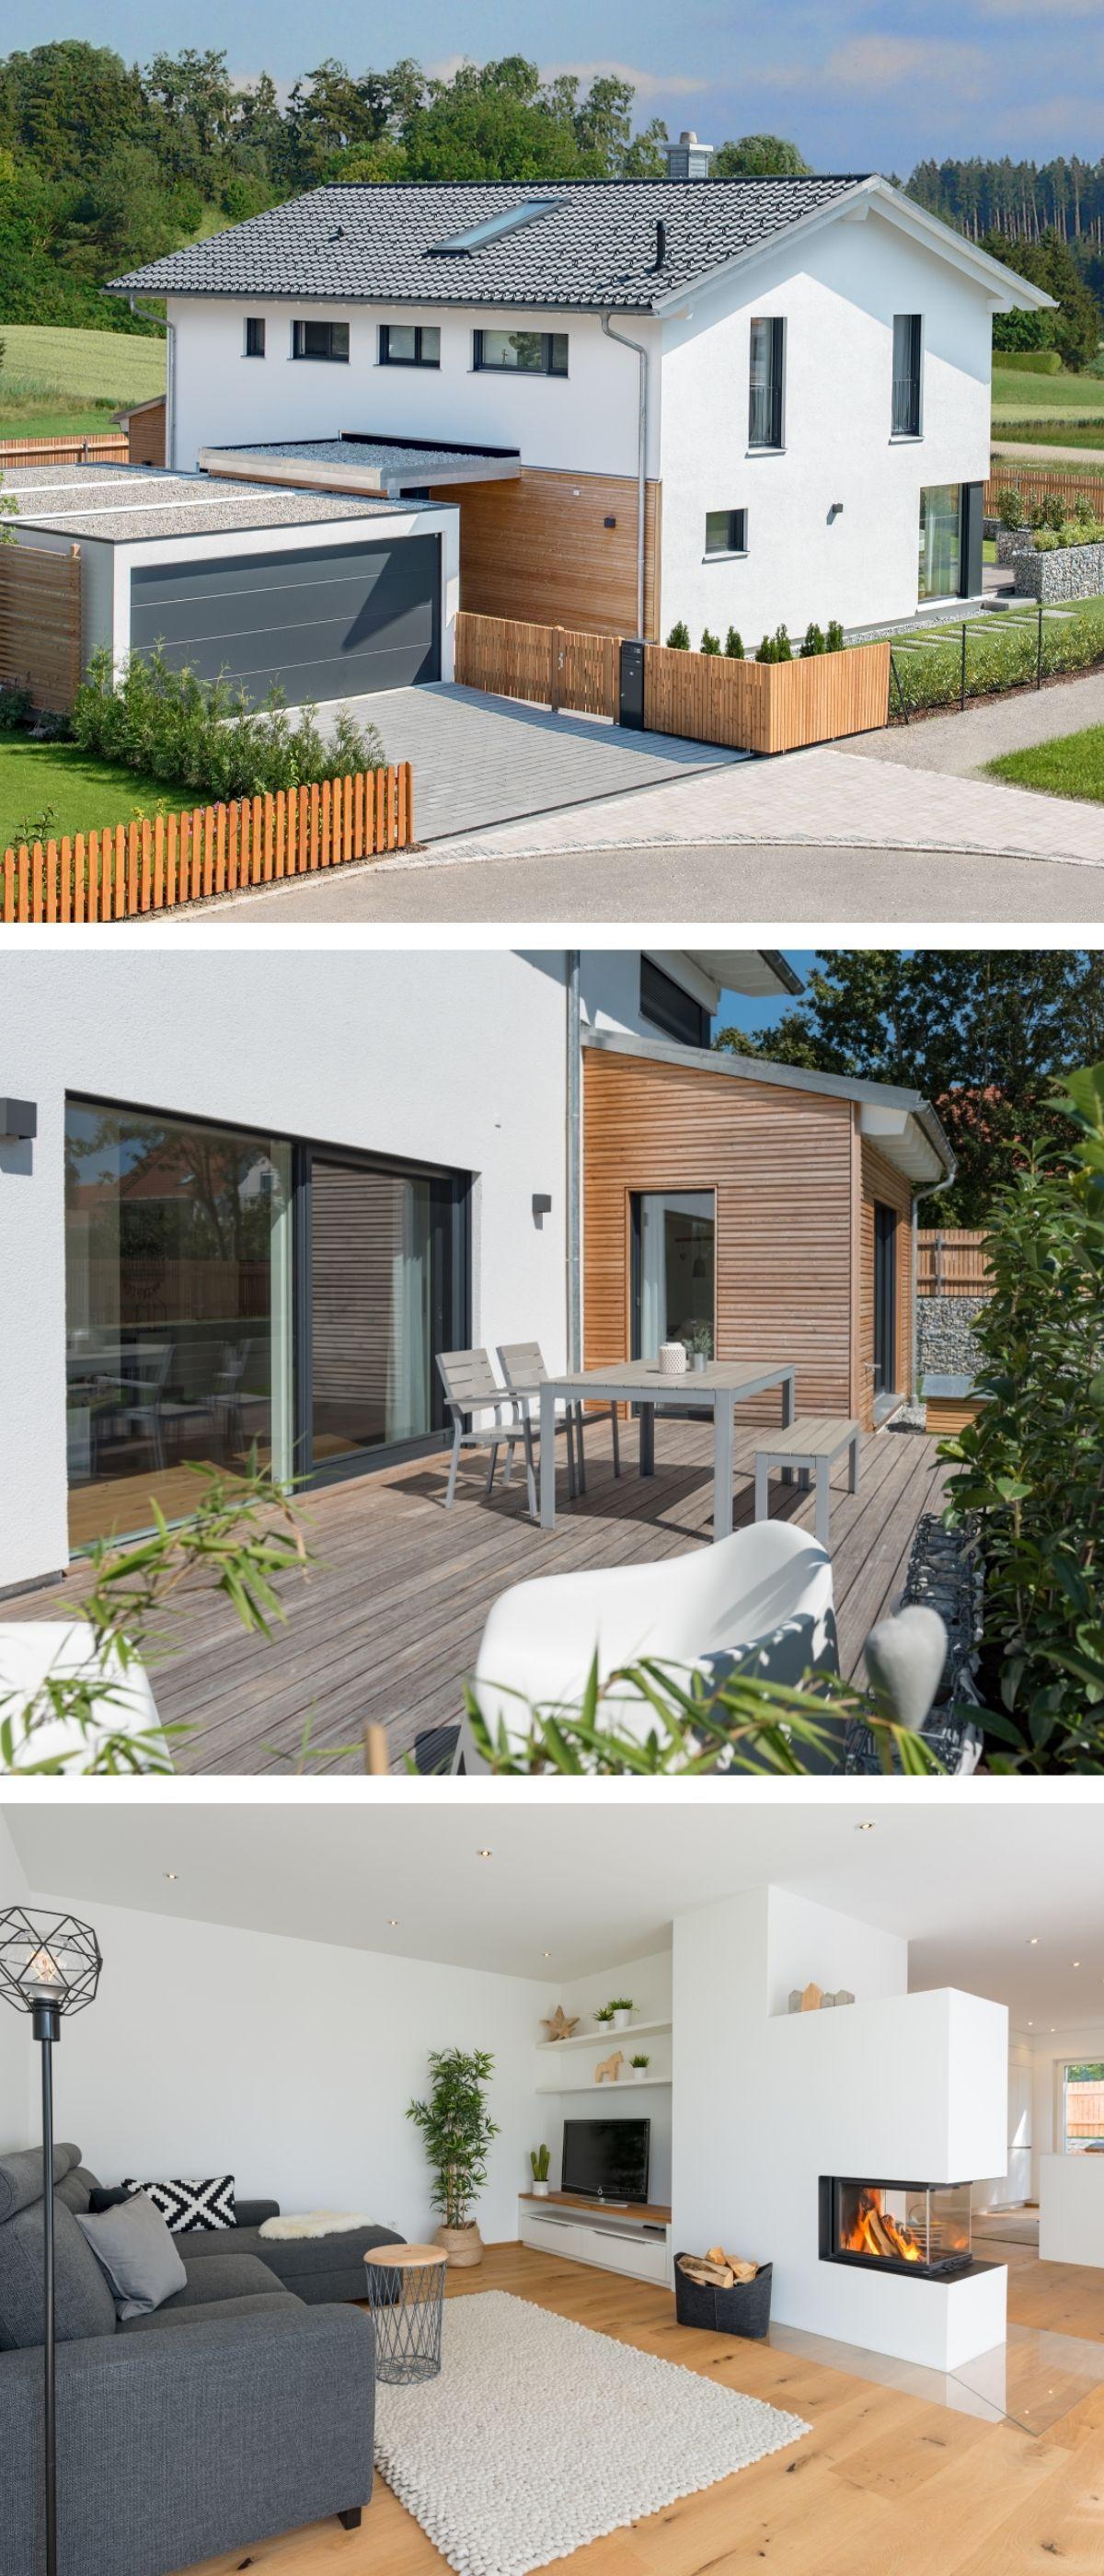 modernes einfamilienhaus mit garage holz fassade satteldach architektur im landhausstil. Black Bedroom Furniture Sets. Home Design Ideas